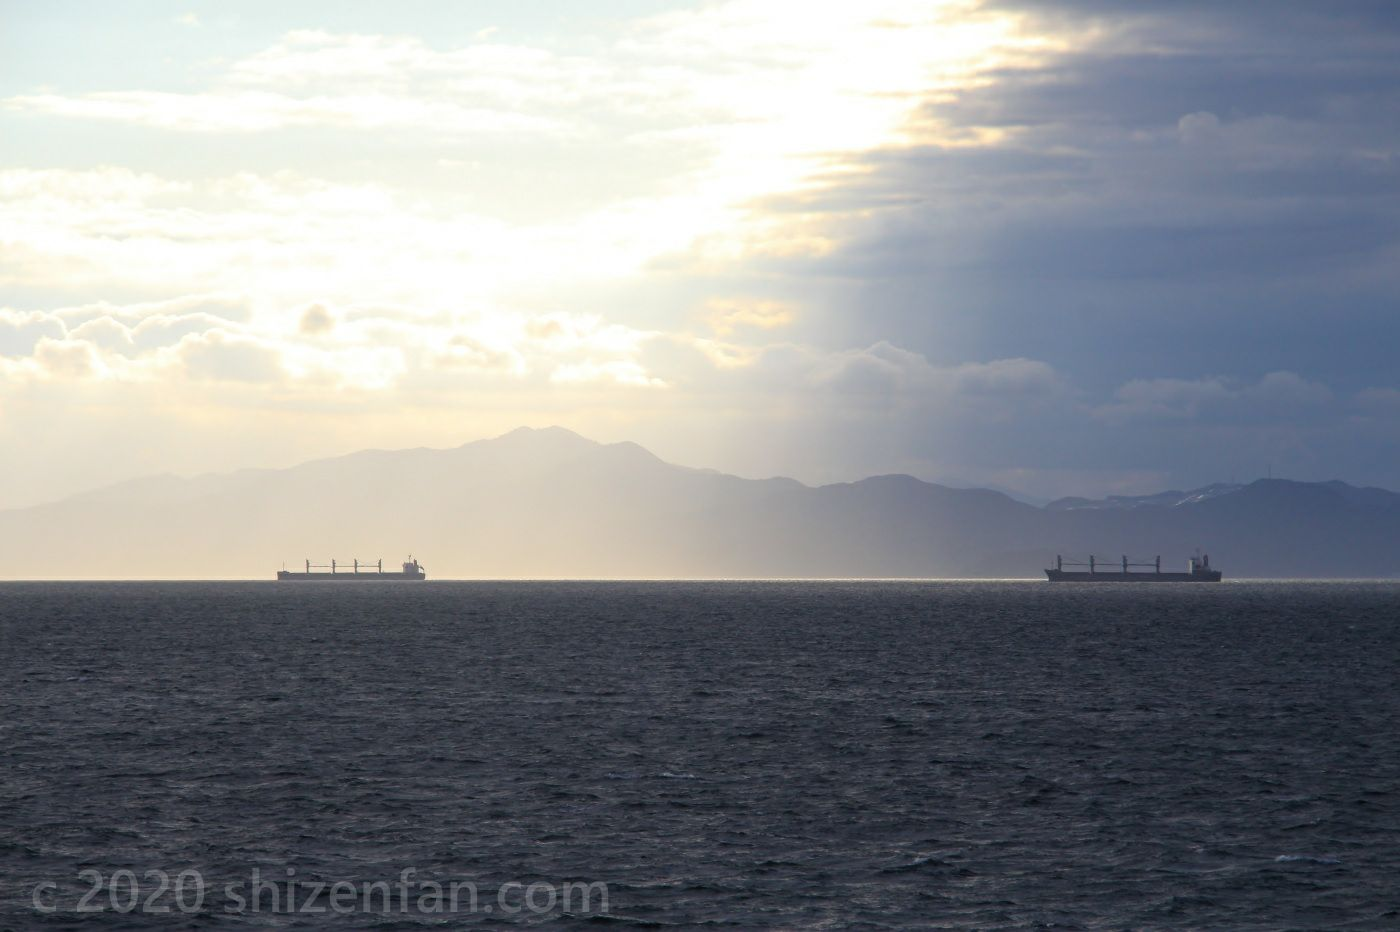 明暗の分かれた空模様と海上に浮かぶ二艘の船